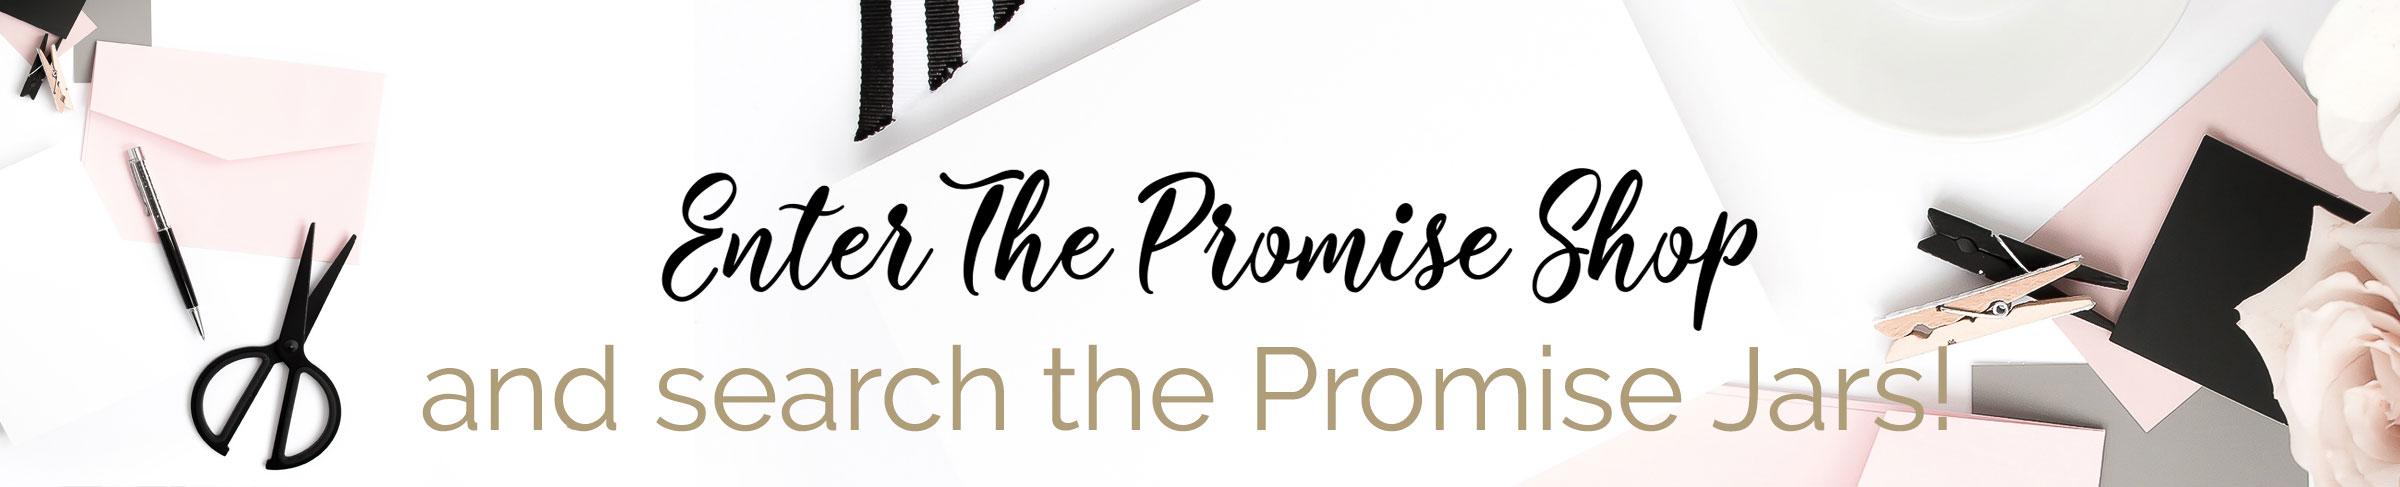 Enter the Promise Shop